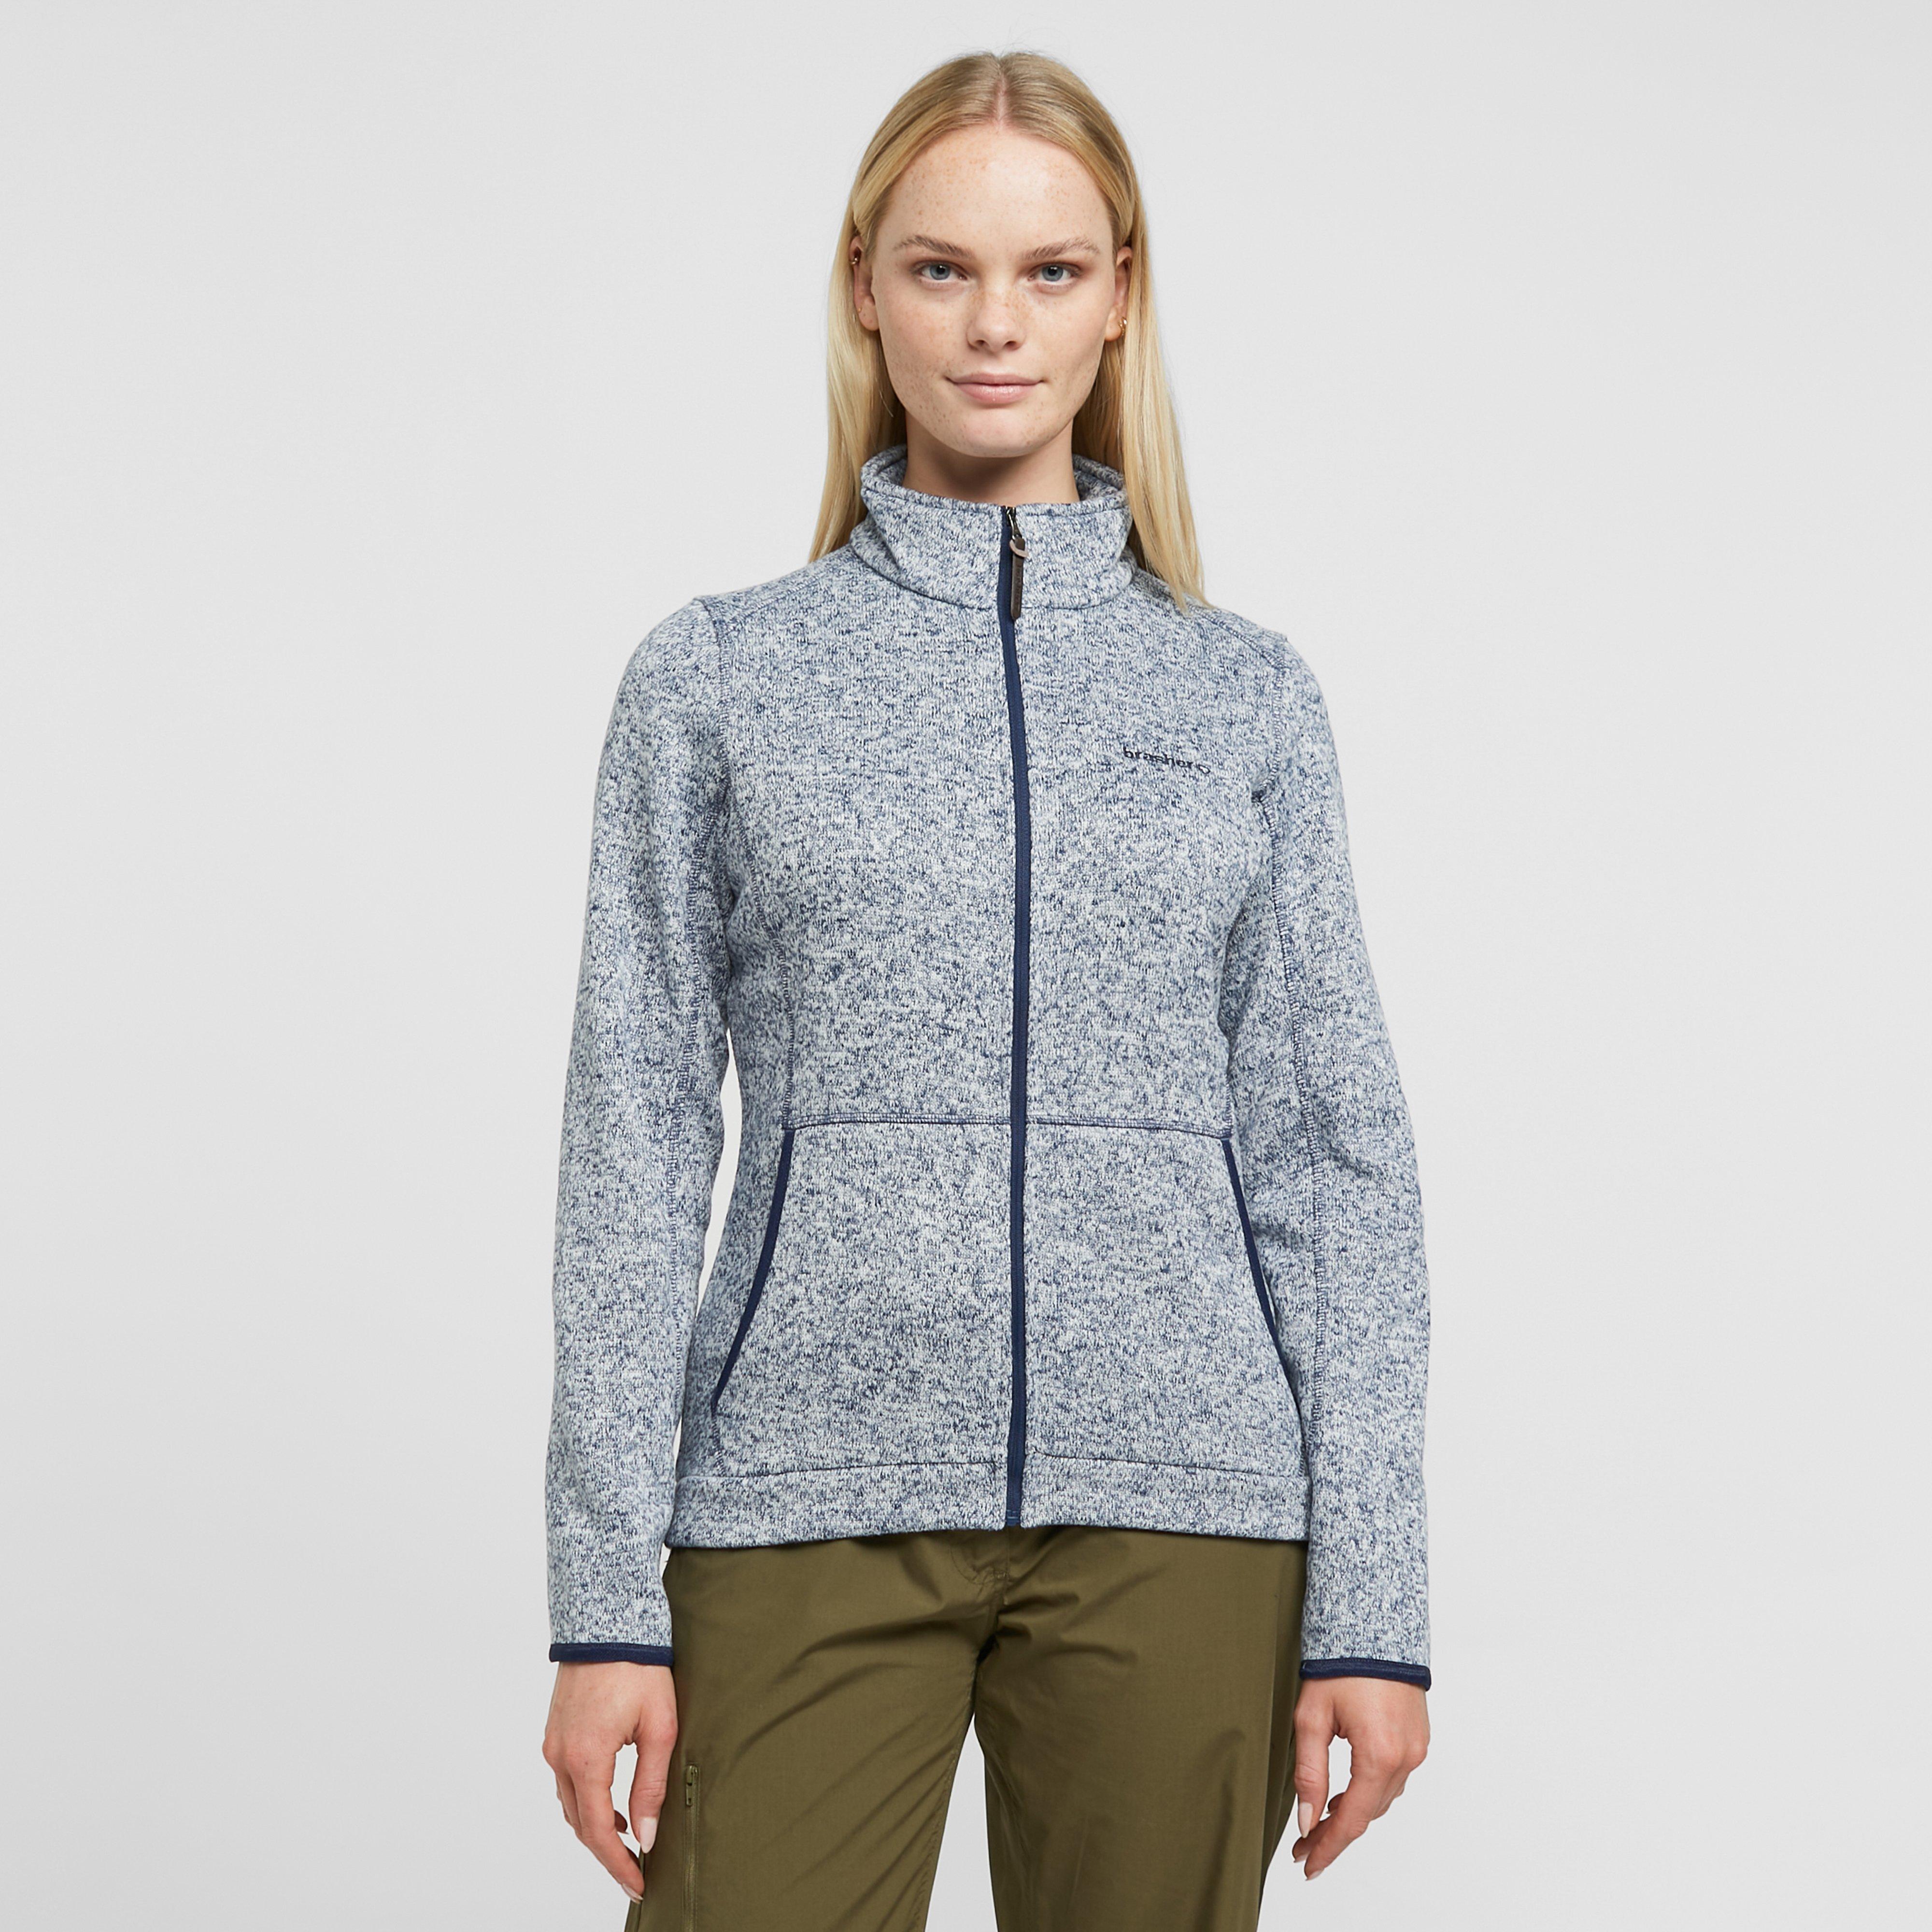 Brasher Womens Rydal Knit Fleece Jacket - Navy/nvy  Navy/nvy